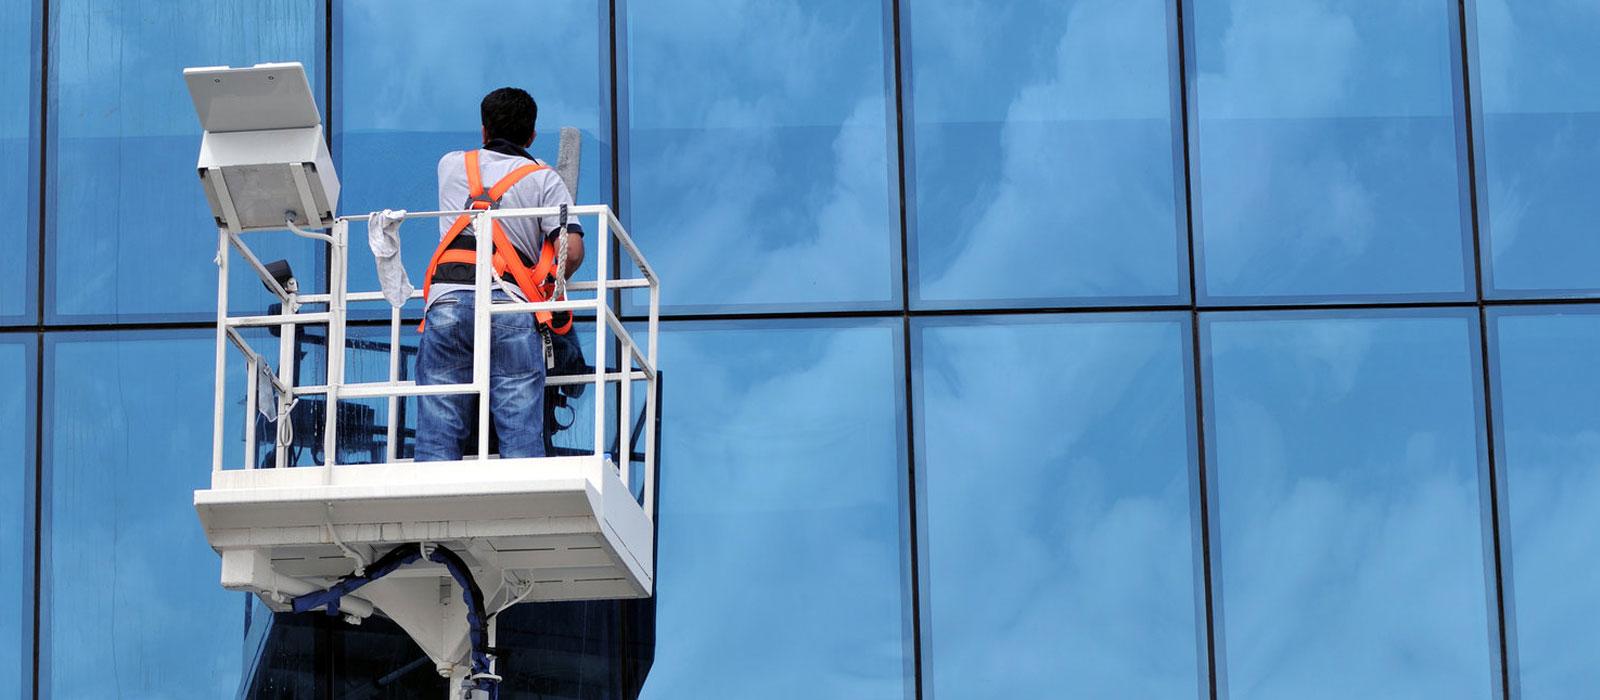 Dış cephe cam temizliği yapılmadan önce oluşan toz, kir ve lekeler içeri ve dışarı arasındaki net farkı ortaya koymaktadır.